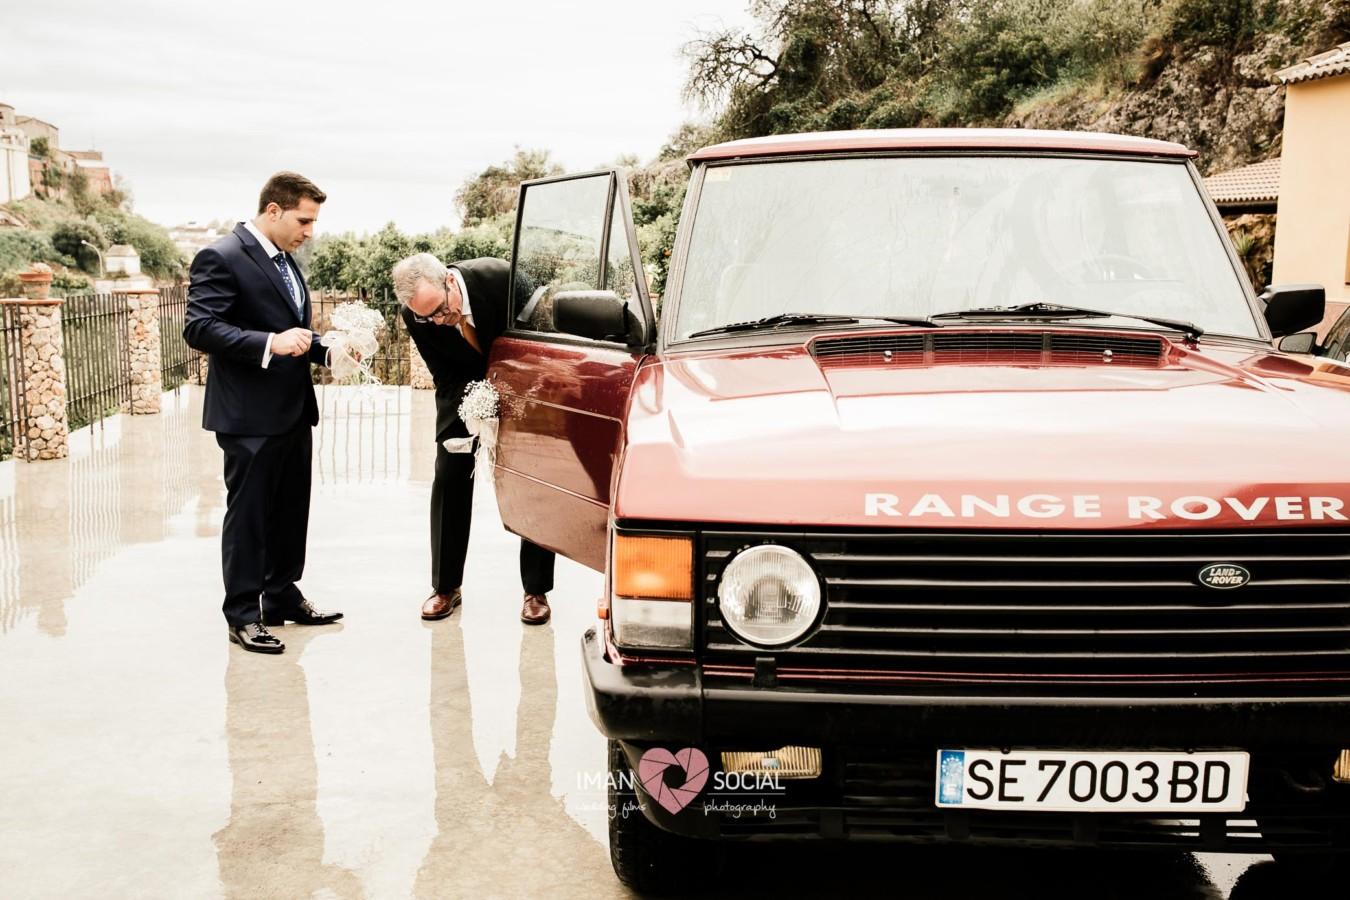 fotografo-de-boda-en-cordoba-sevilla-posadas-boda-auxi-y-antonio-11 Auxi & Antonio, primera boda de la temporada - video boda cordoba